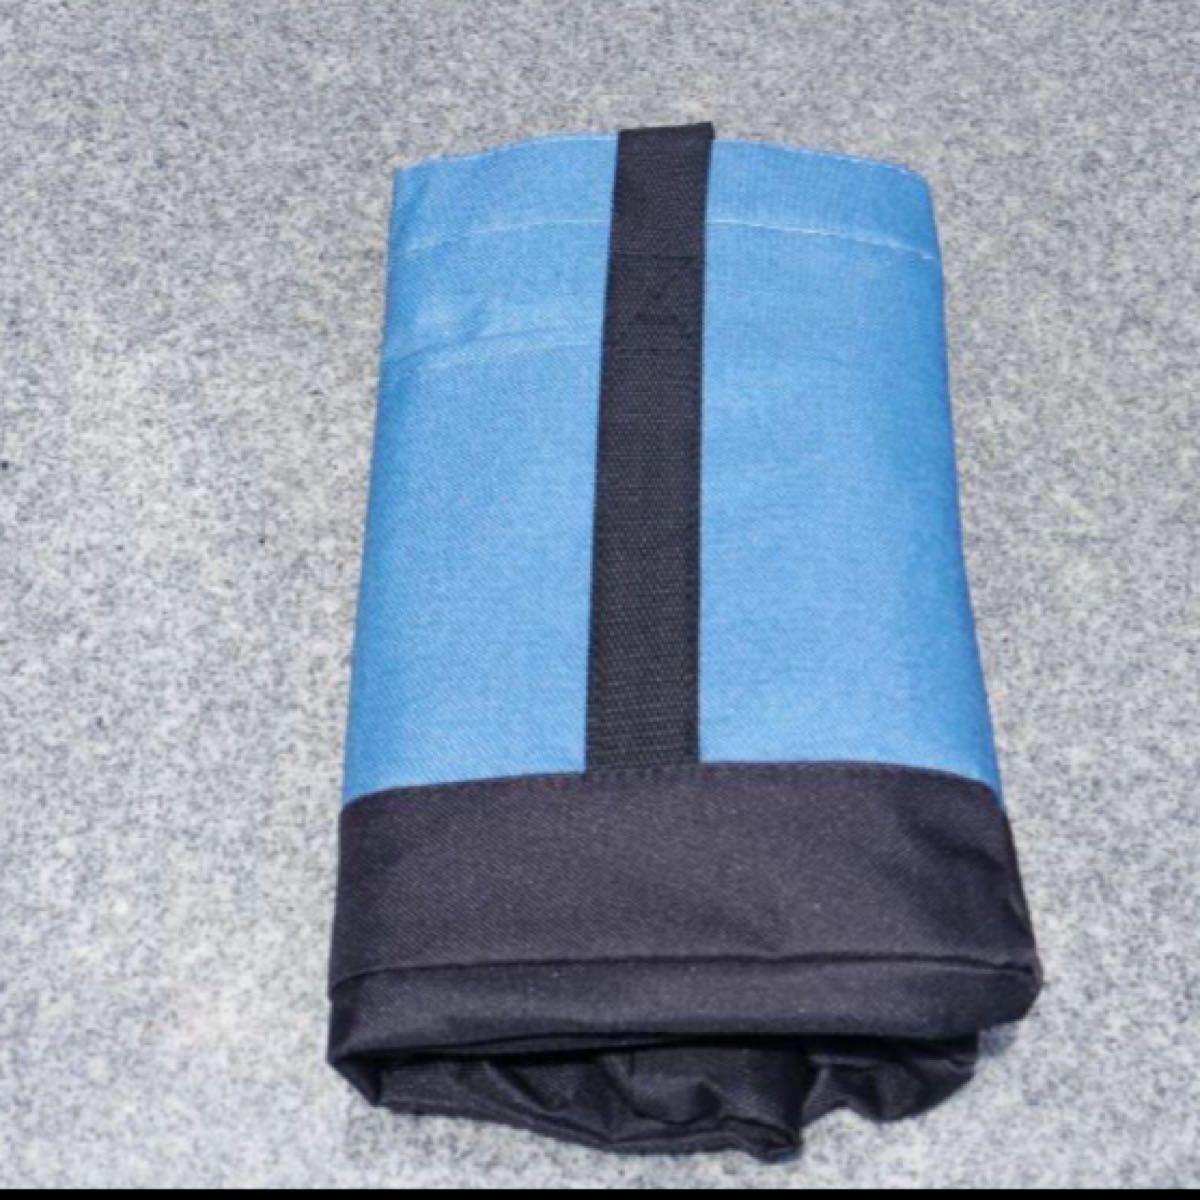 レジカゴバッグ エコバッグ 保冷バッグ